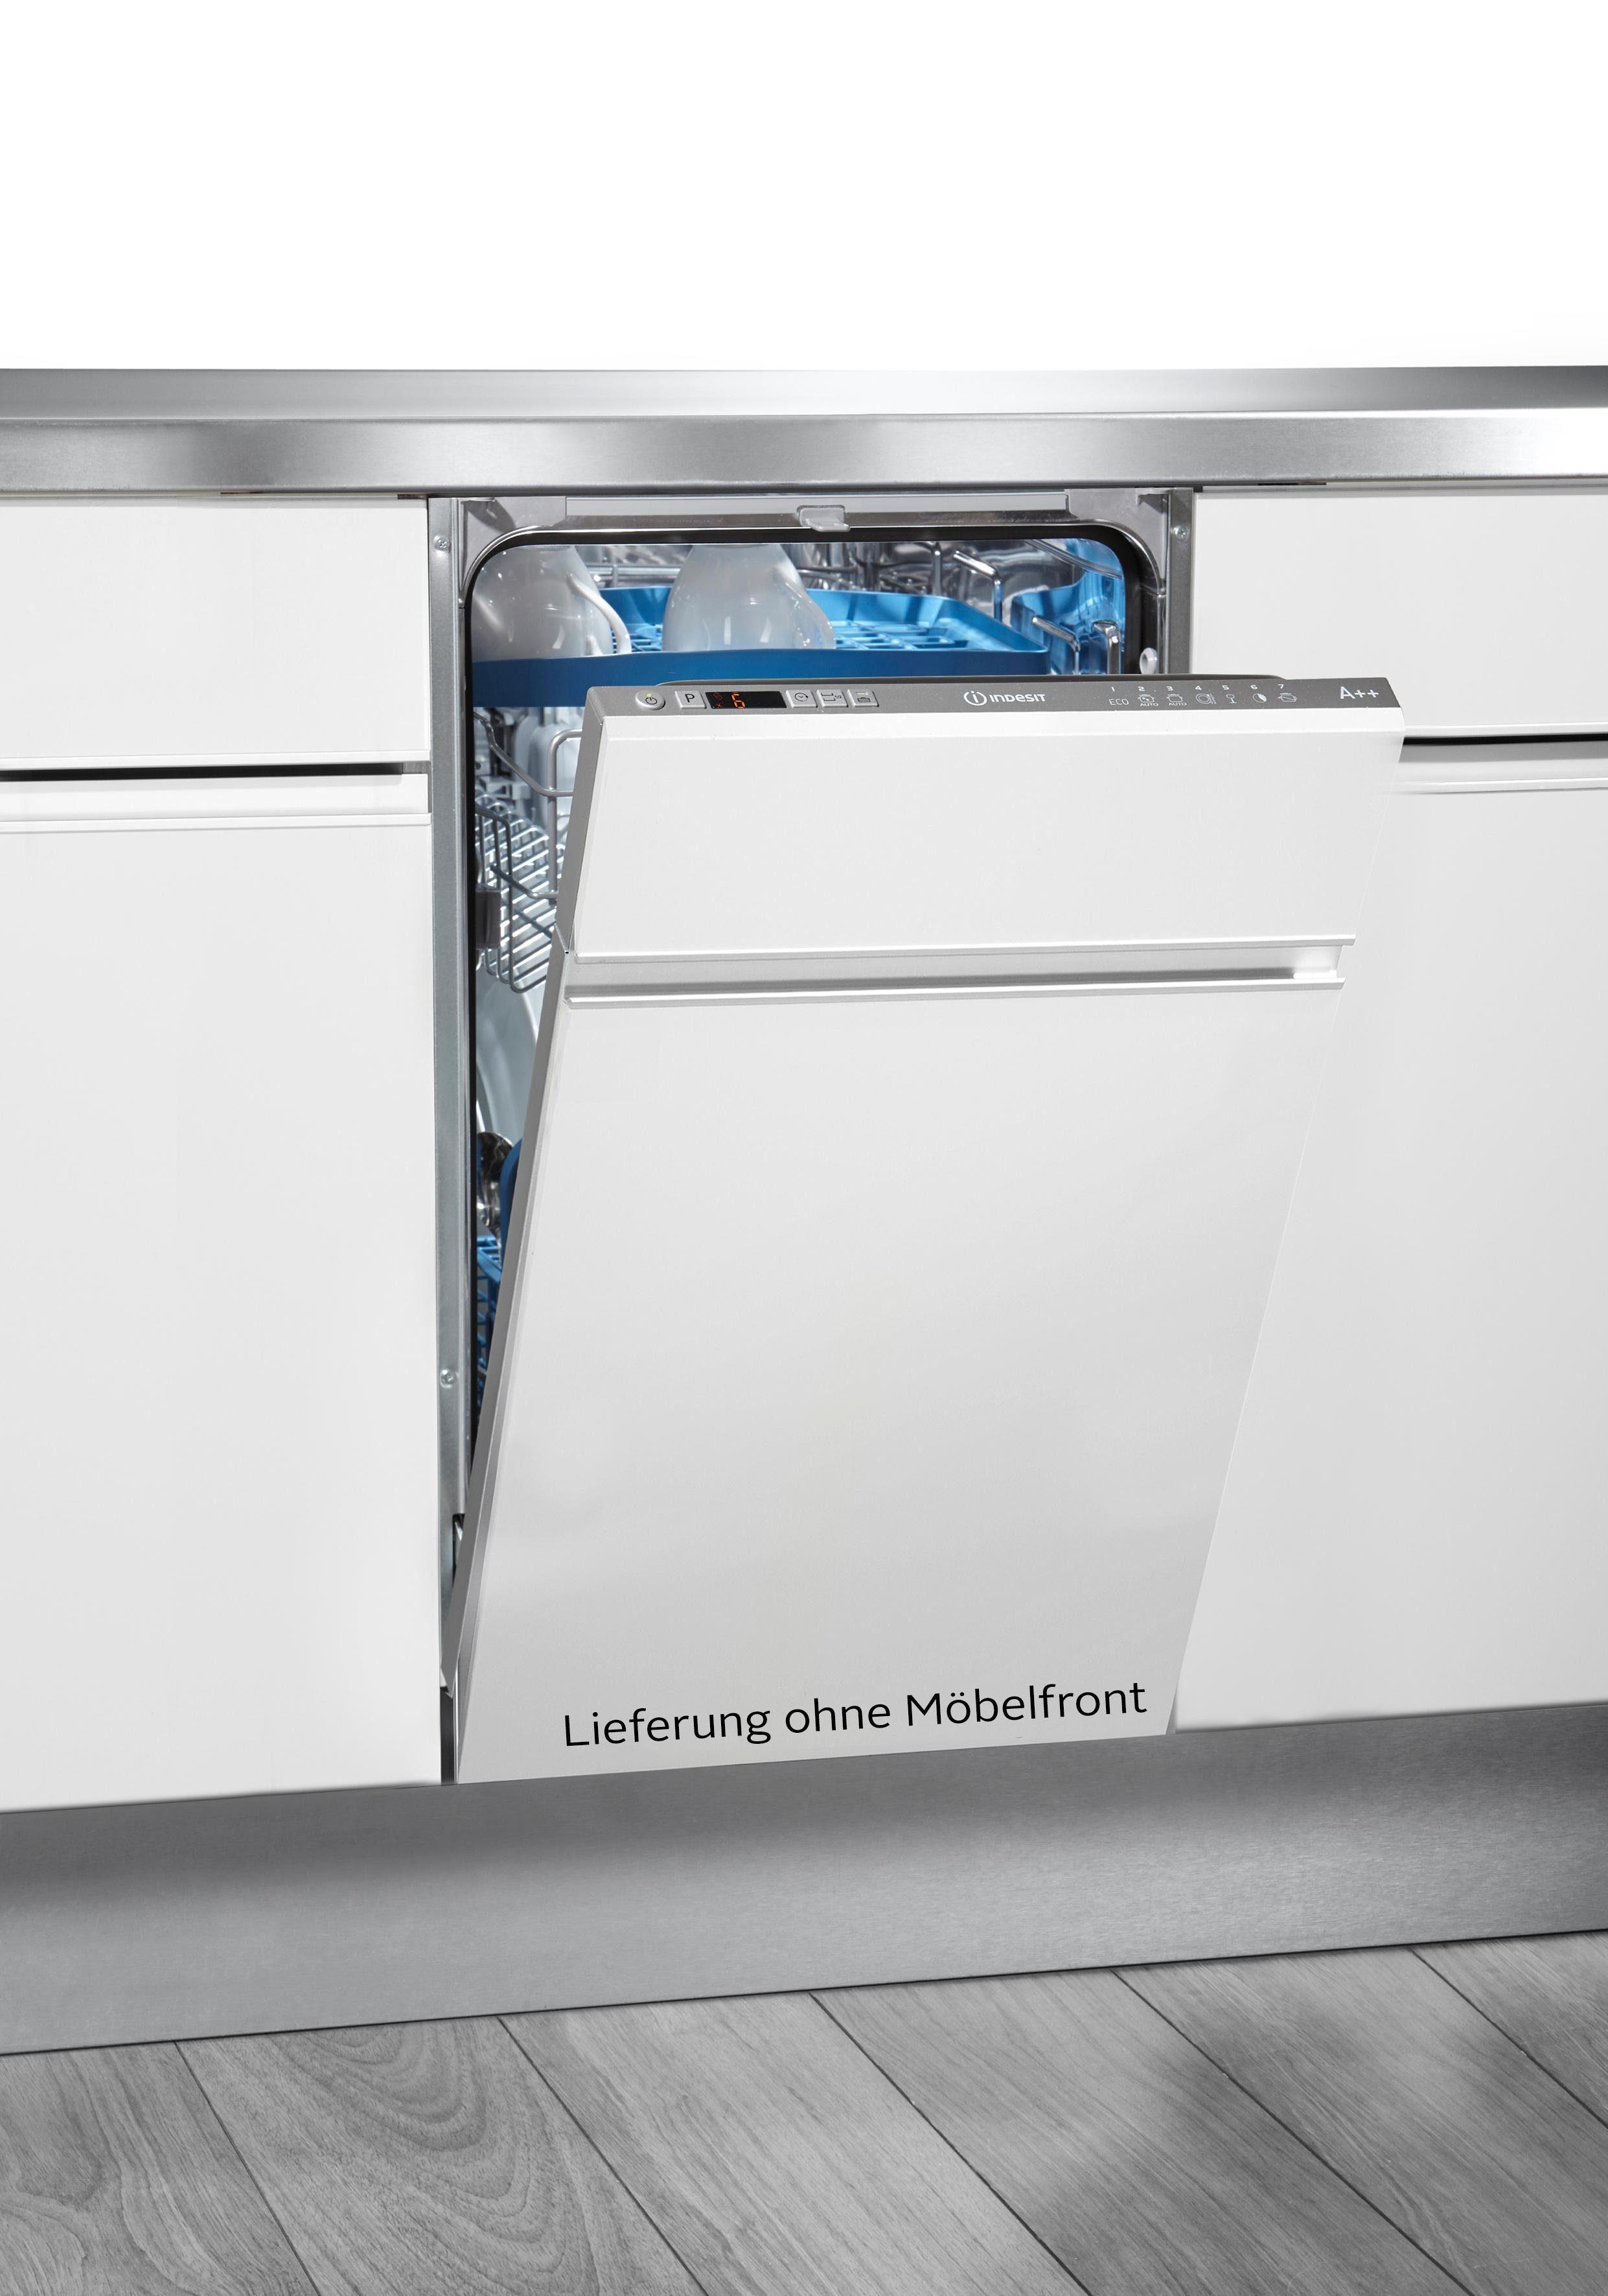 Indesit vollintegrierbarer Geschirrspüler, DISR 57M94 CA EU, 9 l, 10 Maßgedecke, 45 cm breit